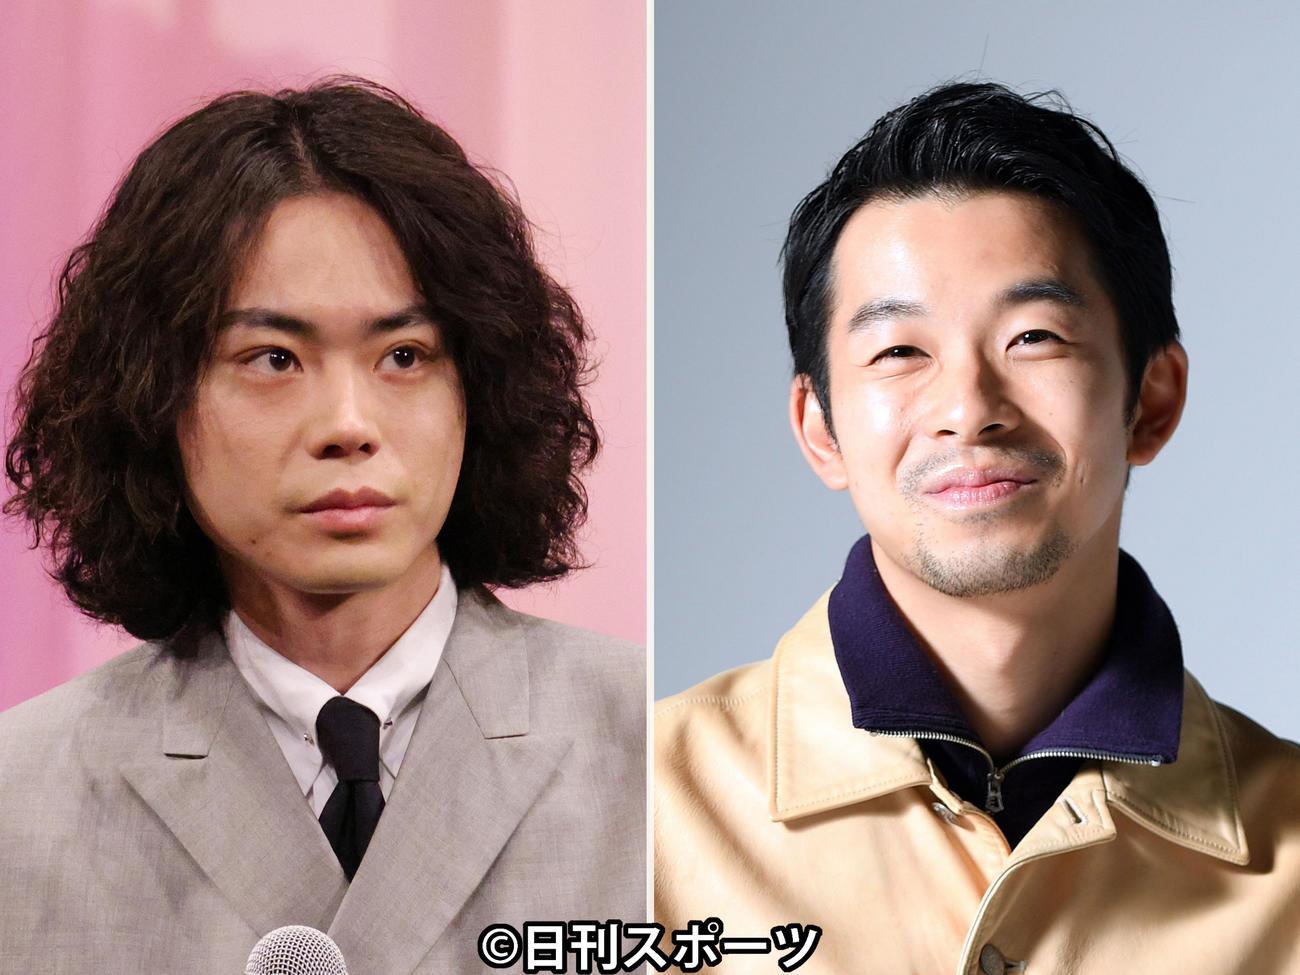 菅田将暉(左)と仲野太賀